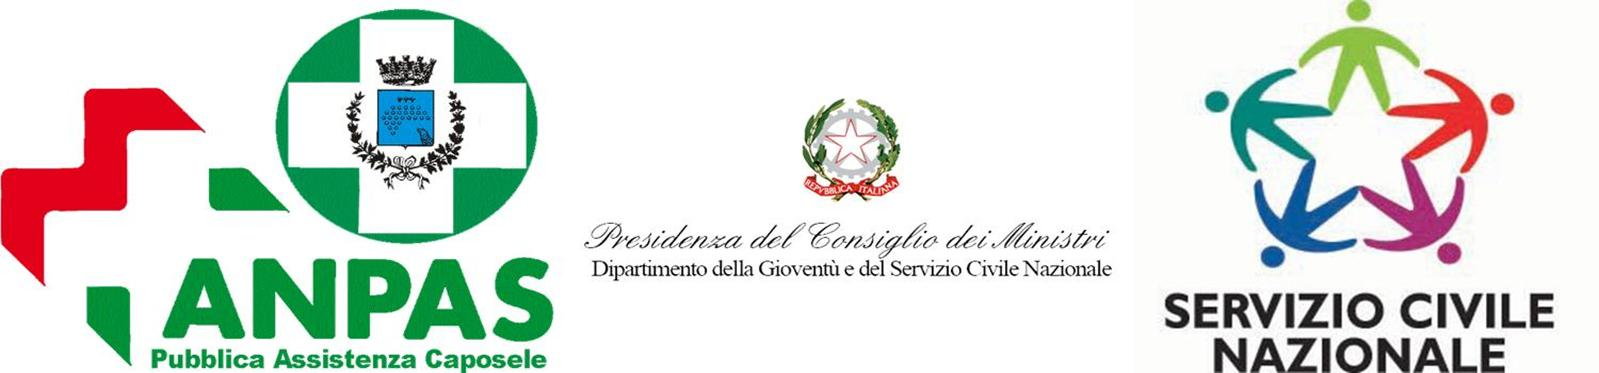 servizio civile pubblica assistenza